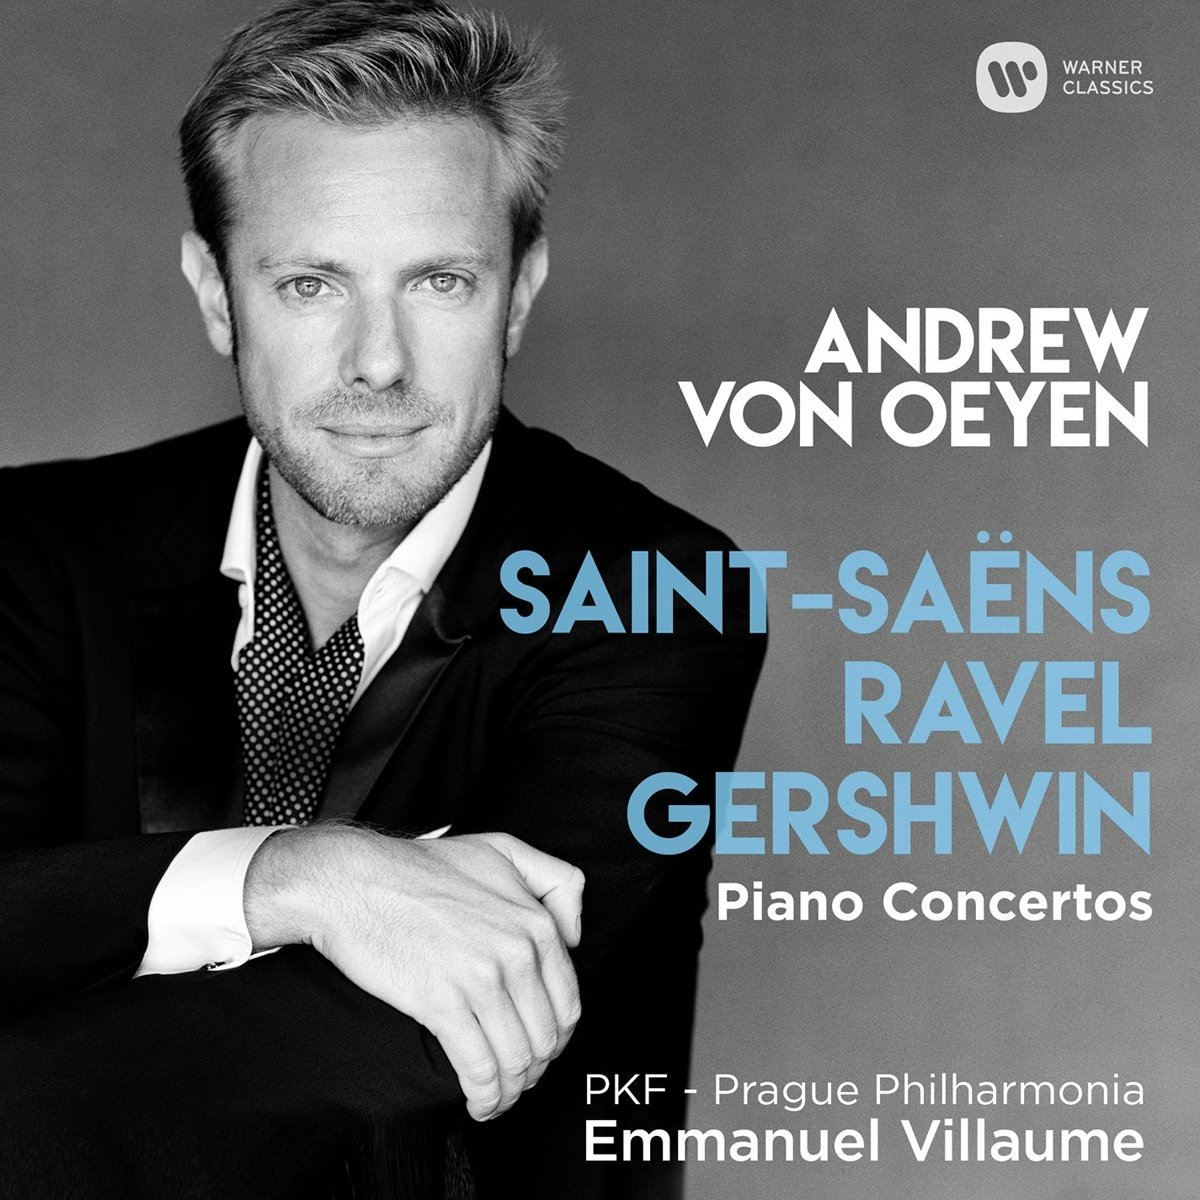 Andrew von Oeyen